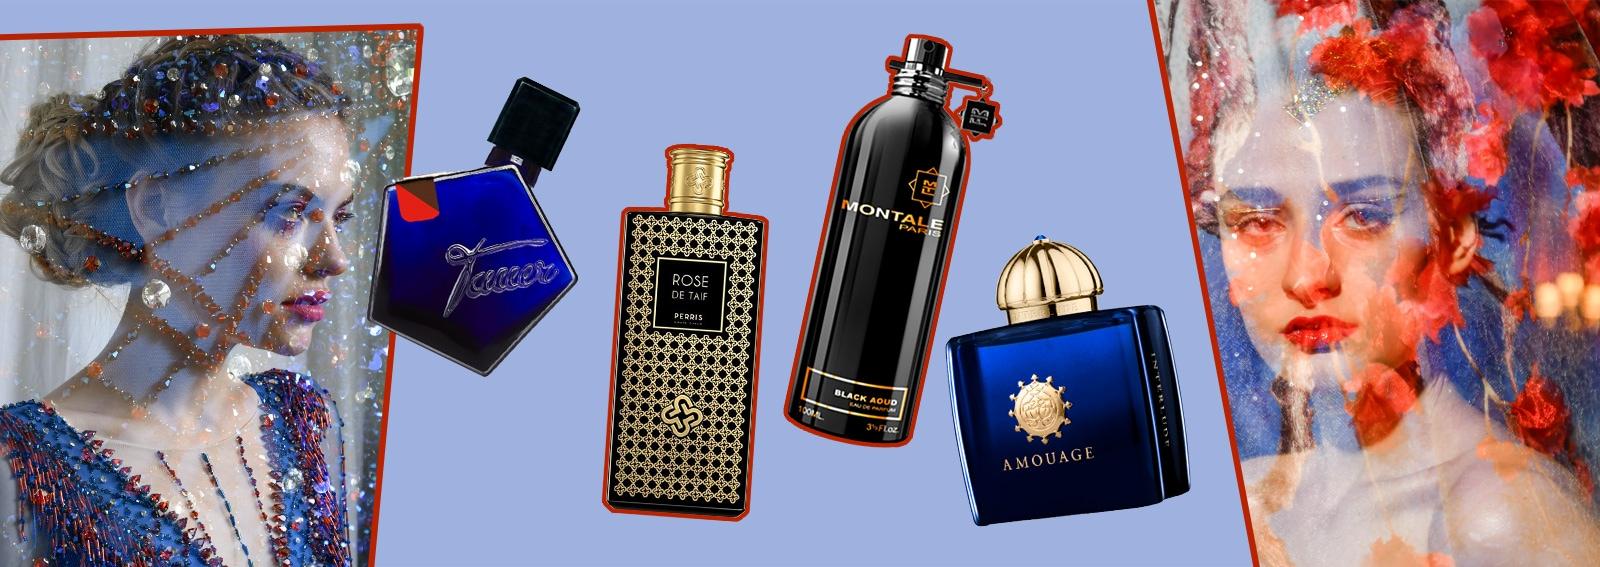 Profumi intensi e persistenti: le fragranze per lasciare una scia indimenticabile